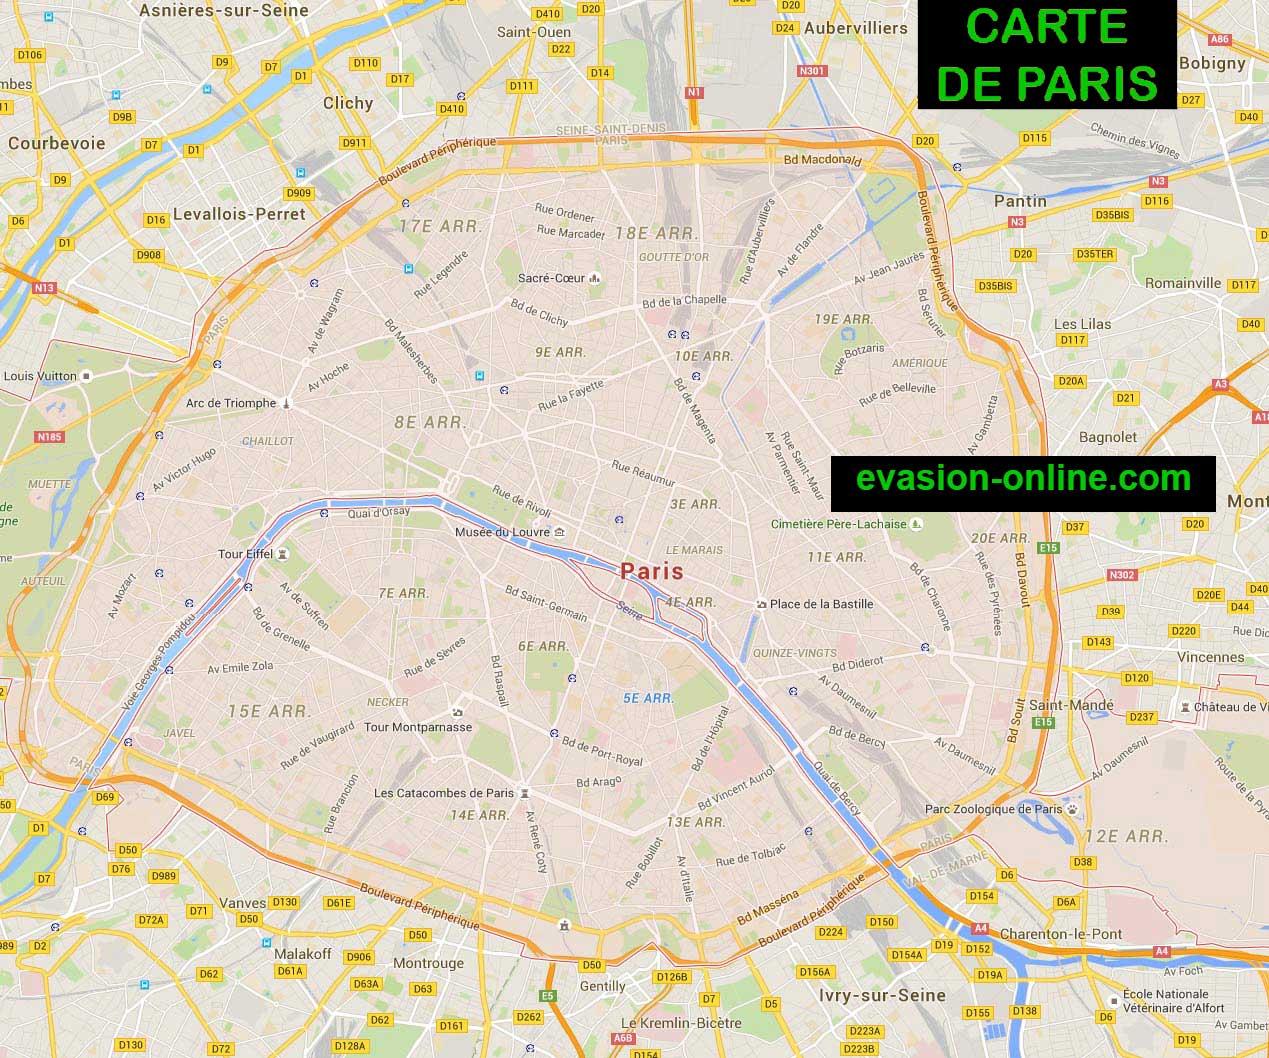 Carte de paris vacances arts guides voyages for Carte paris touristique